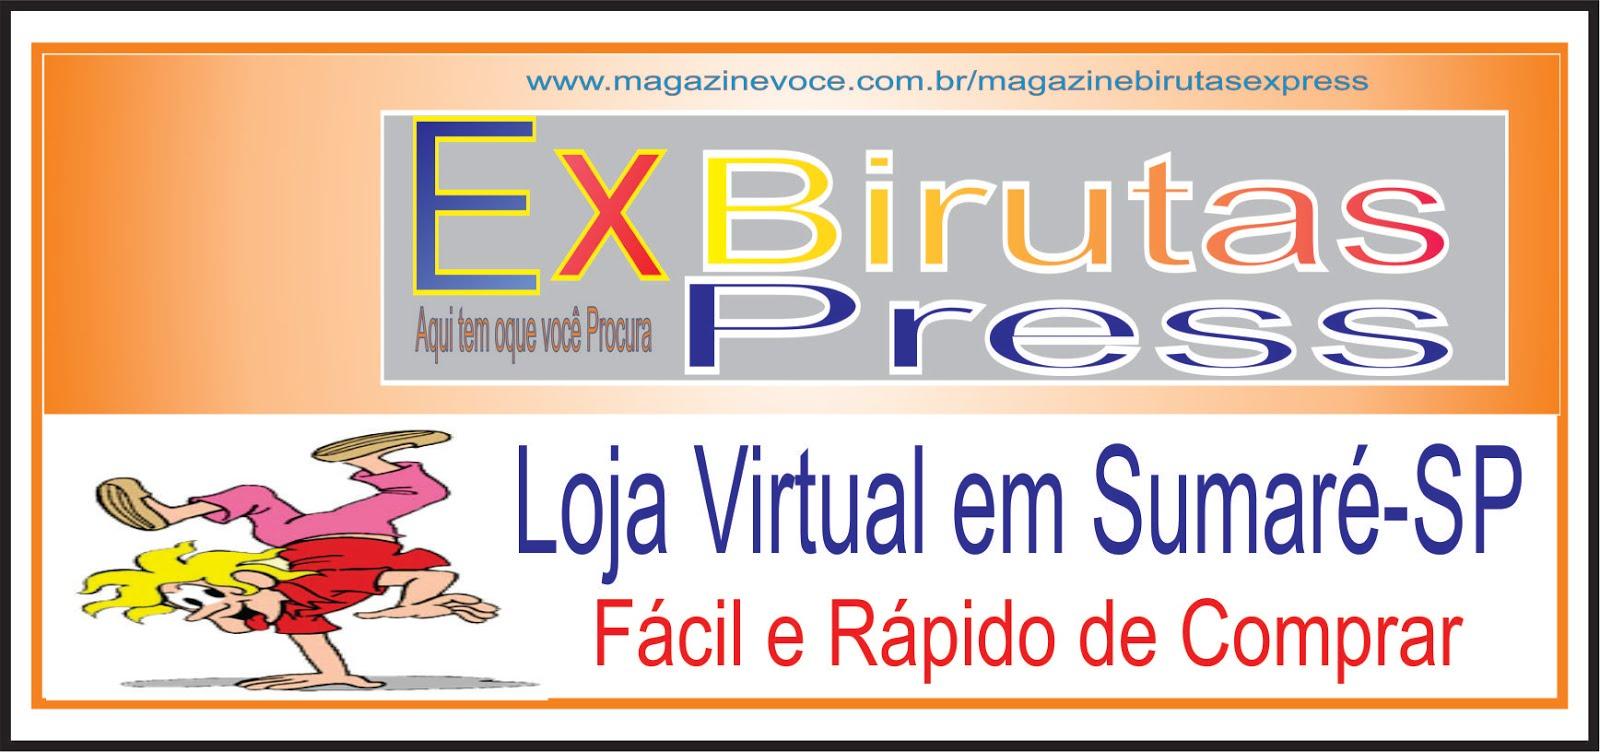 Birutas Express